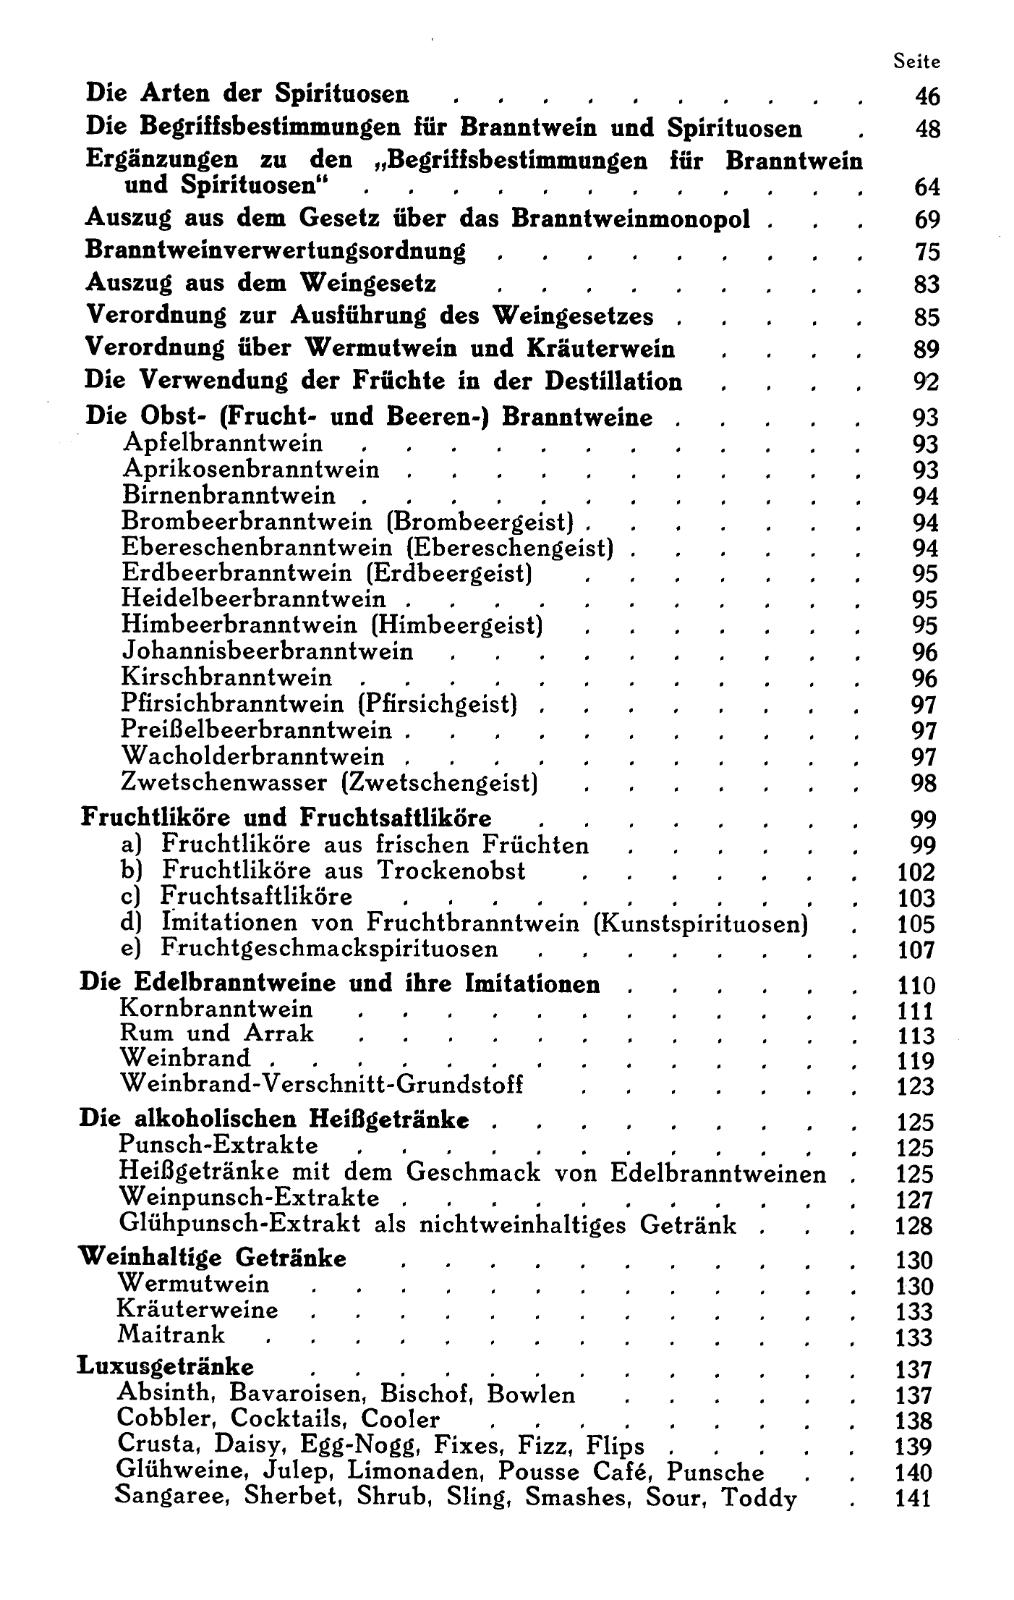 Rezeptbuch Destillierkunst Schnapsbrennen Liköre Essenzen Aromen Anleitung Repr. 3